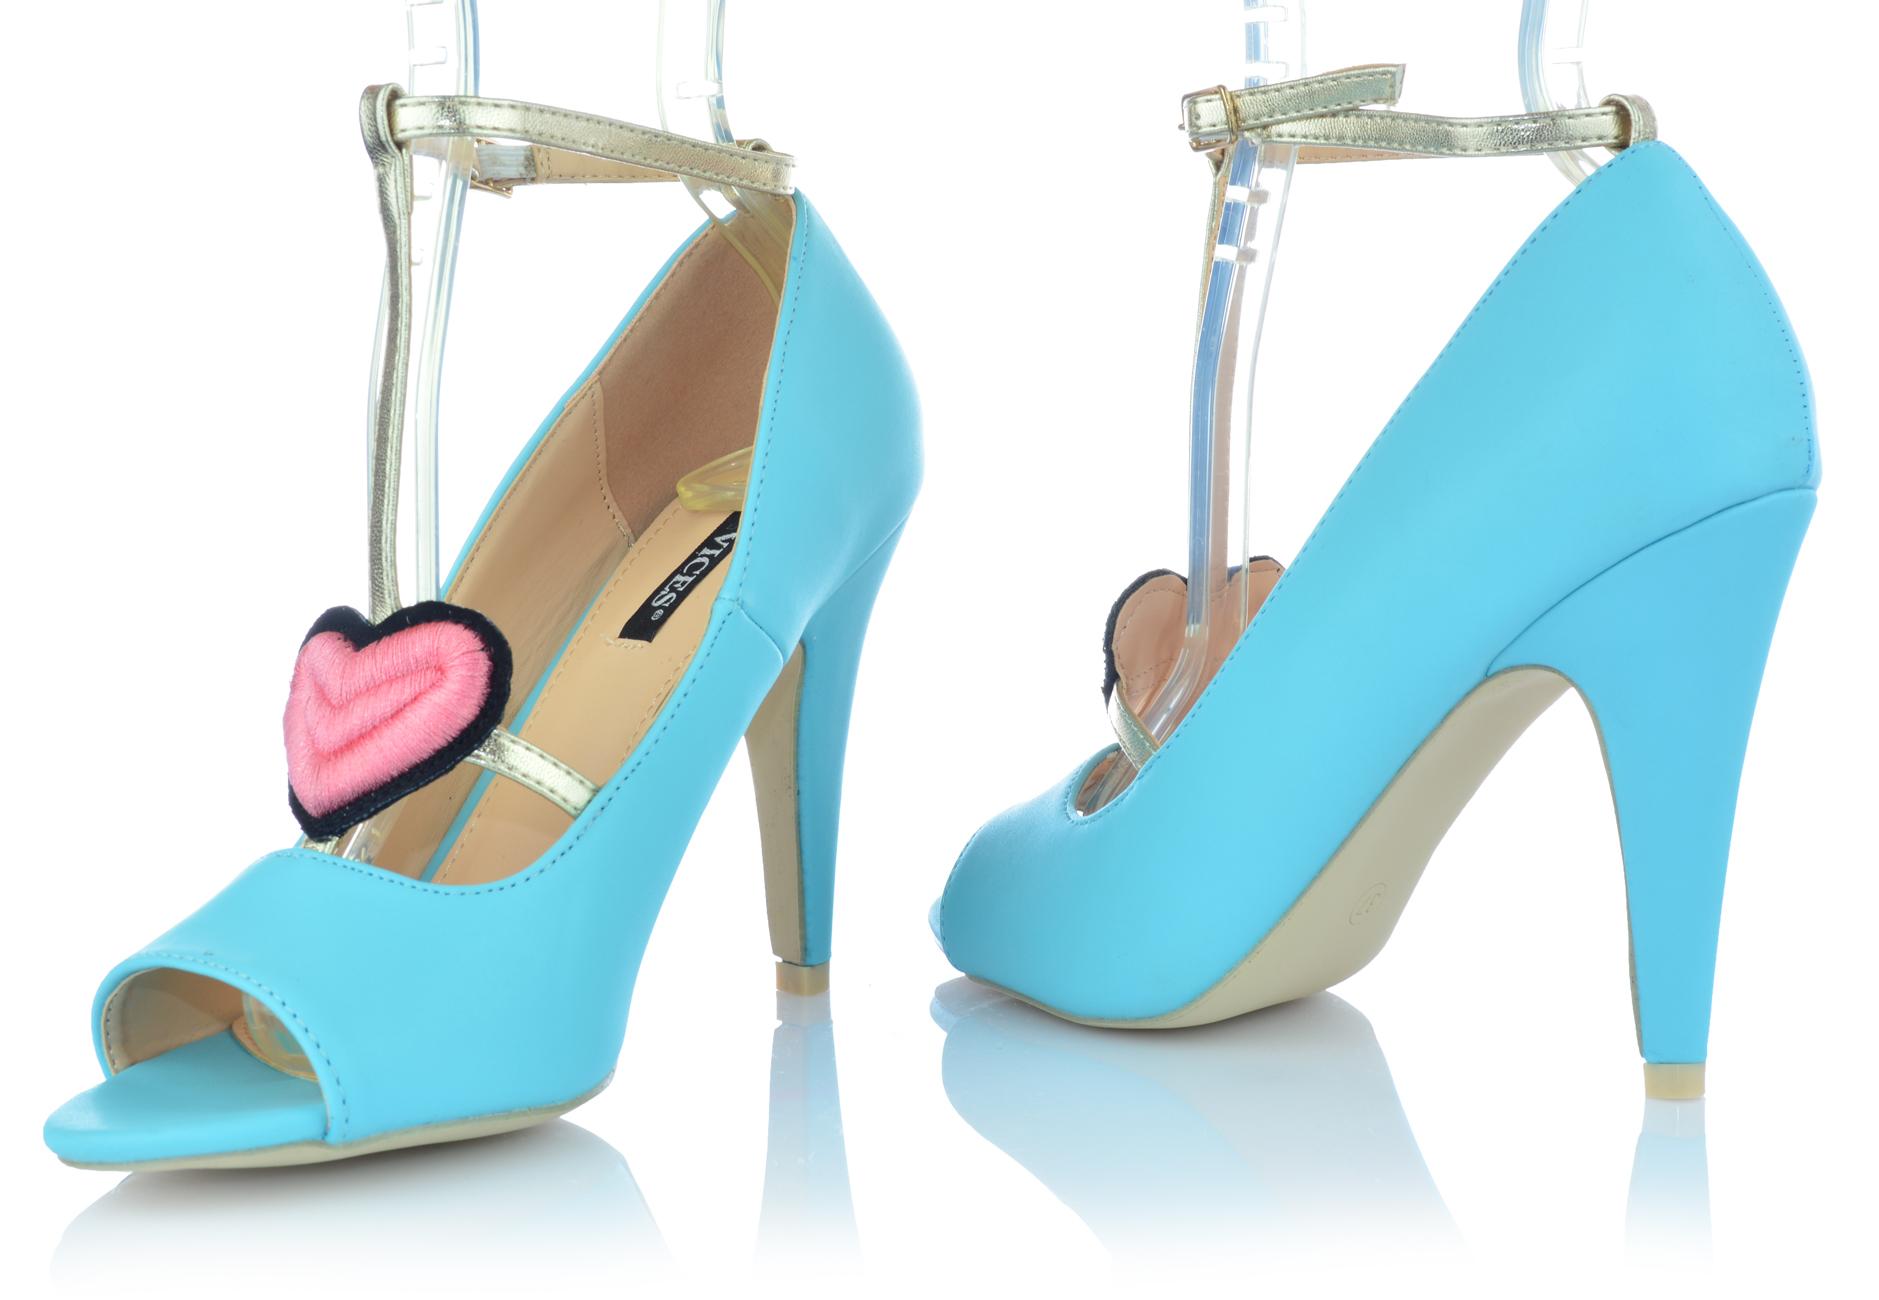 Zapatos-senora-tacon-alto-Stiletto-pumps-noche-zapatos-peep-con-tiras-zapatos-de-fiesta miniatura 7